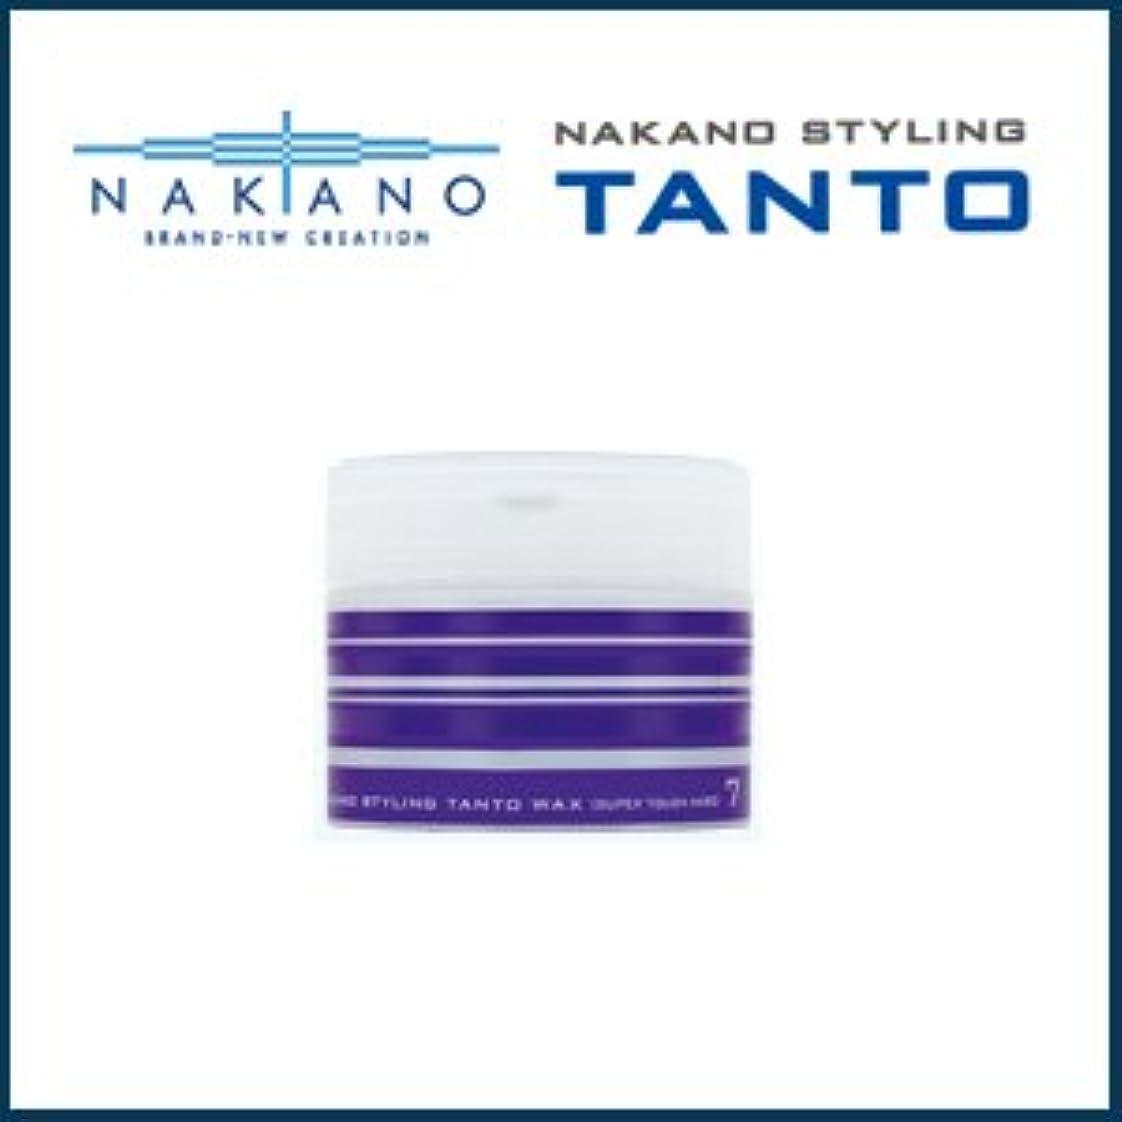 チャートまた明日ねフォーク【X4個セット】 ナカノ タント Nワックス 7 スーパータフハード 90g 容器入り